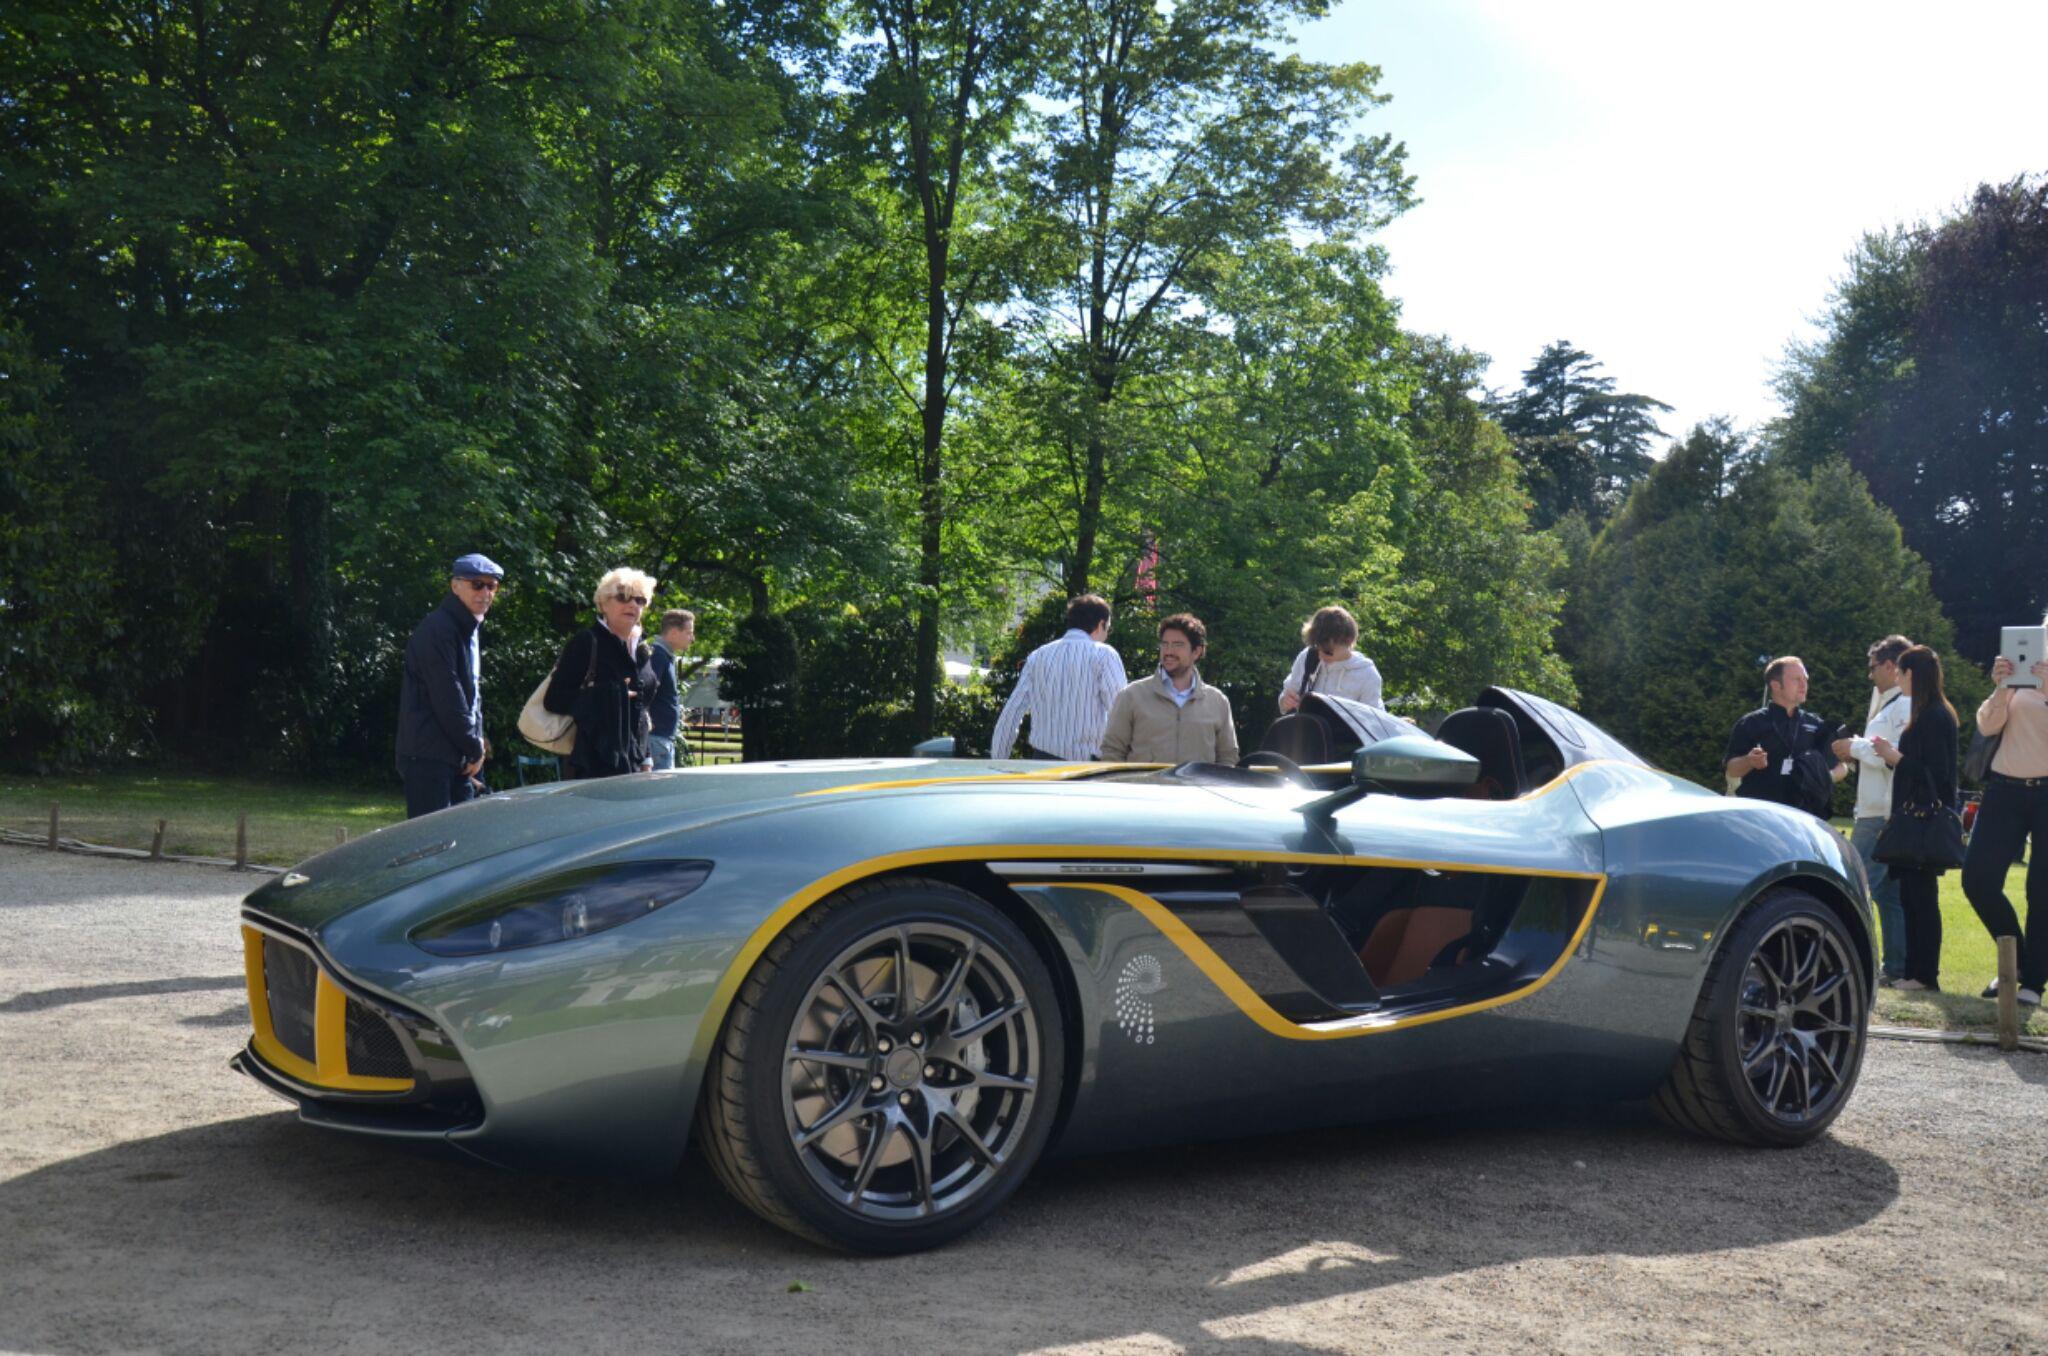 Aston-Martin-CC100-concept-2.jpg